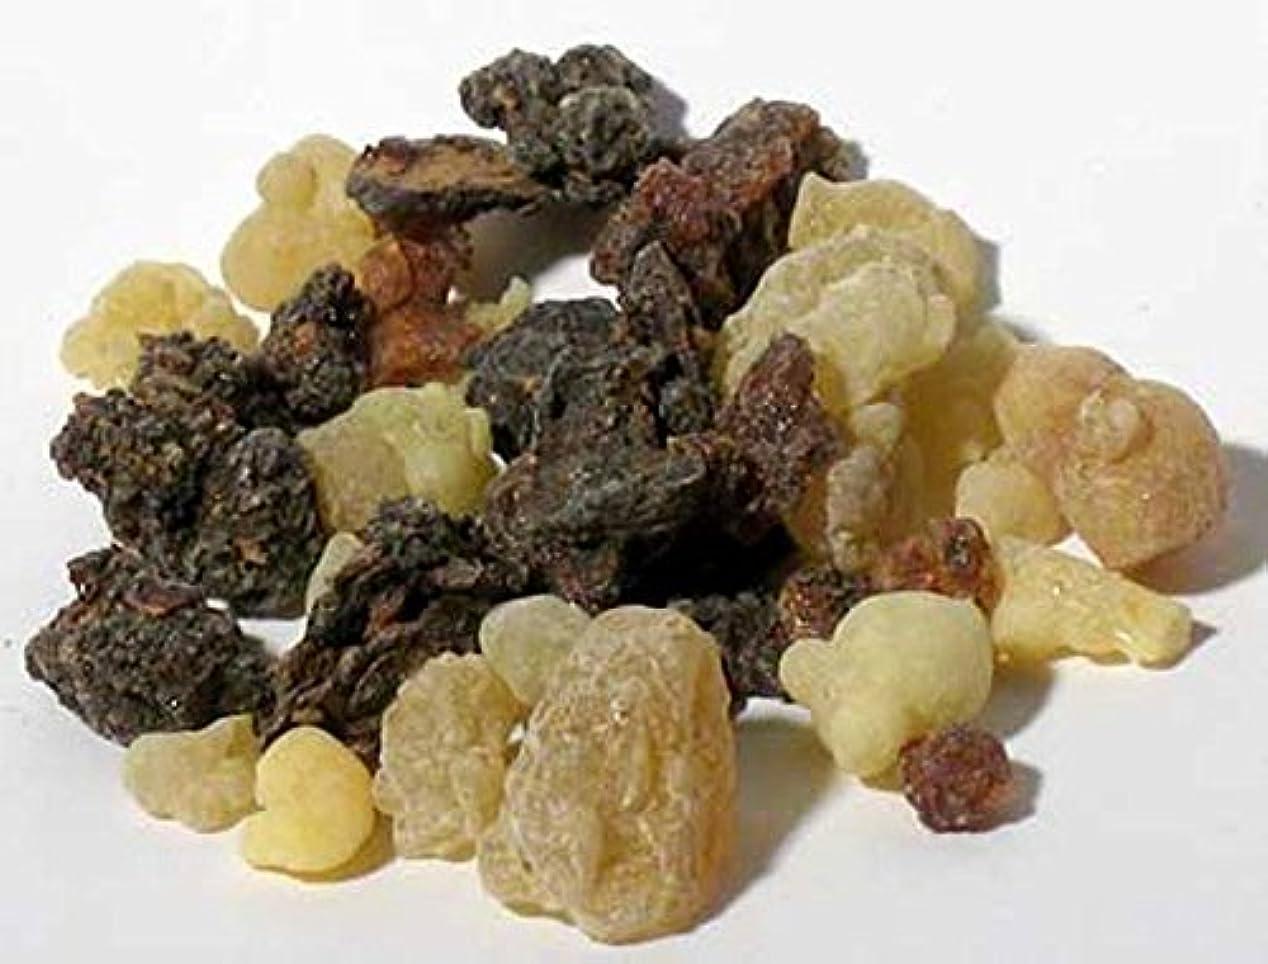 中庭メガロポリス土地Frankincense & Myrrh Granular Incense Mix 1lb